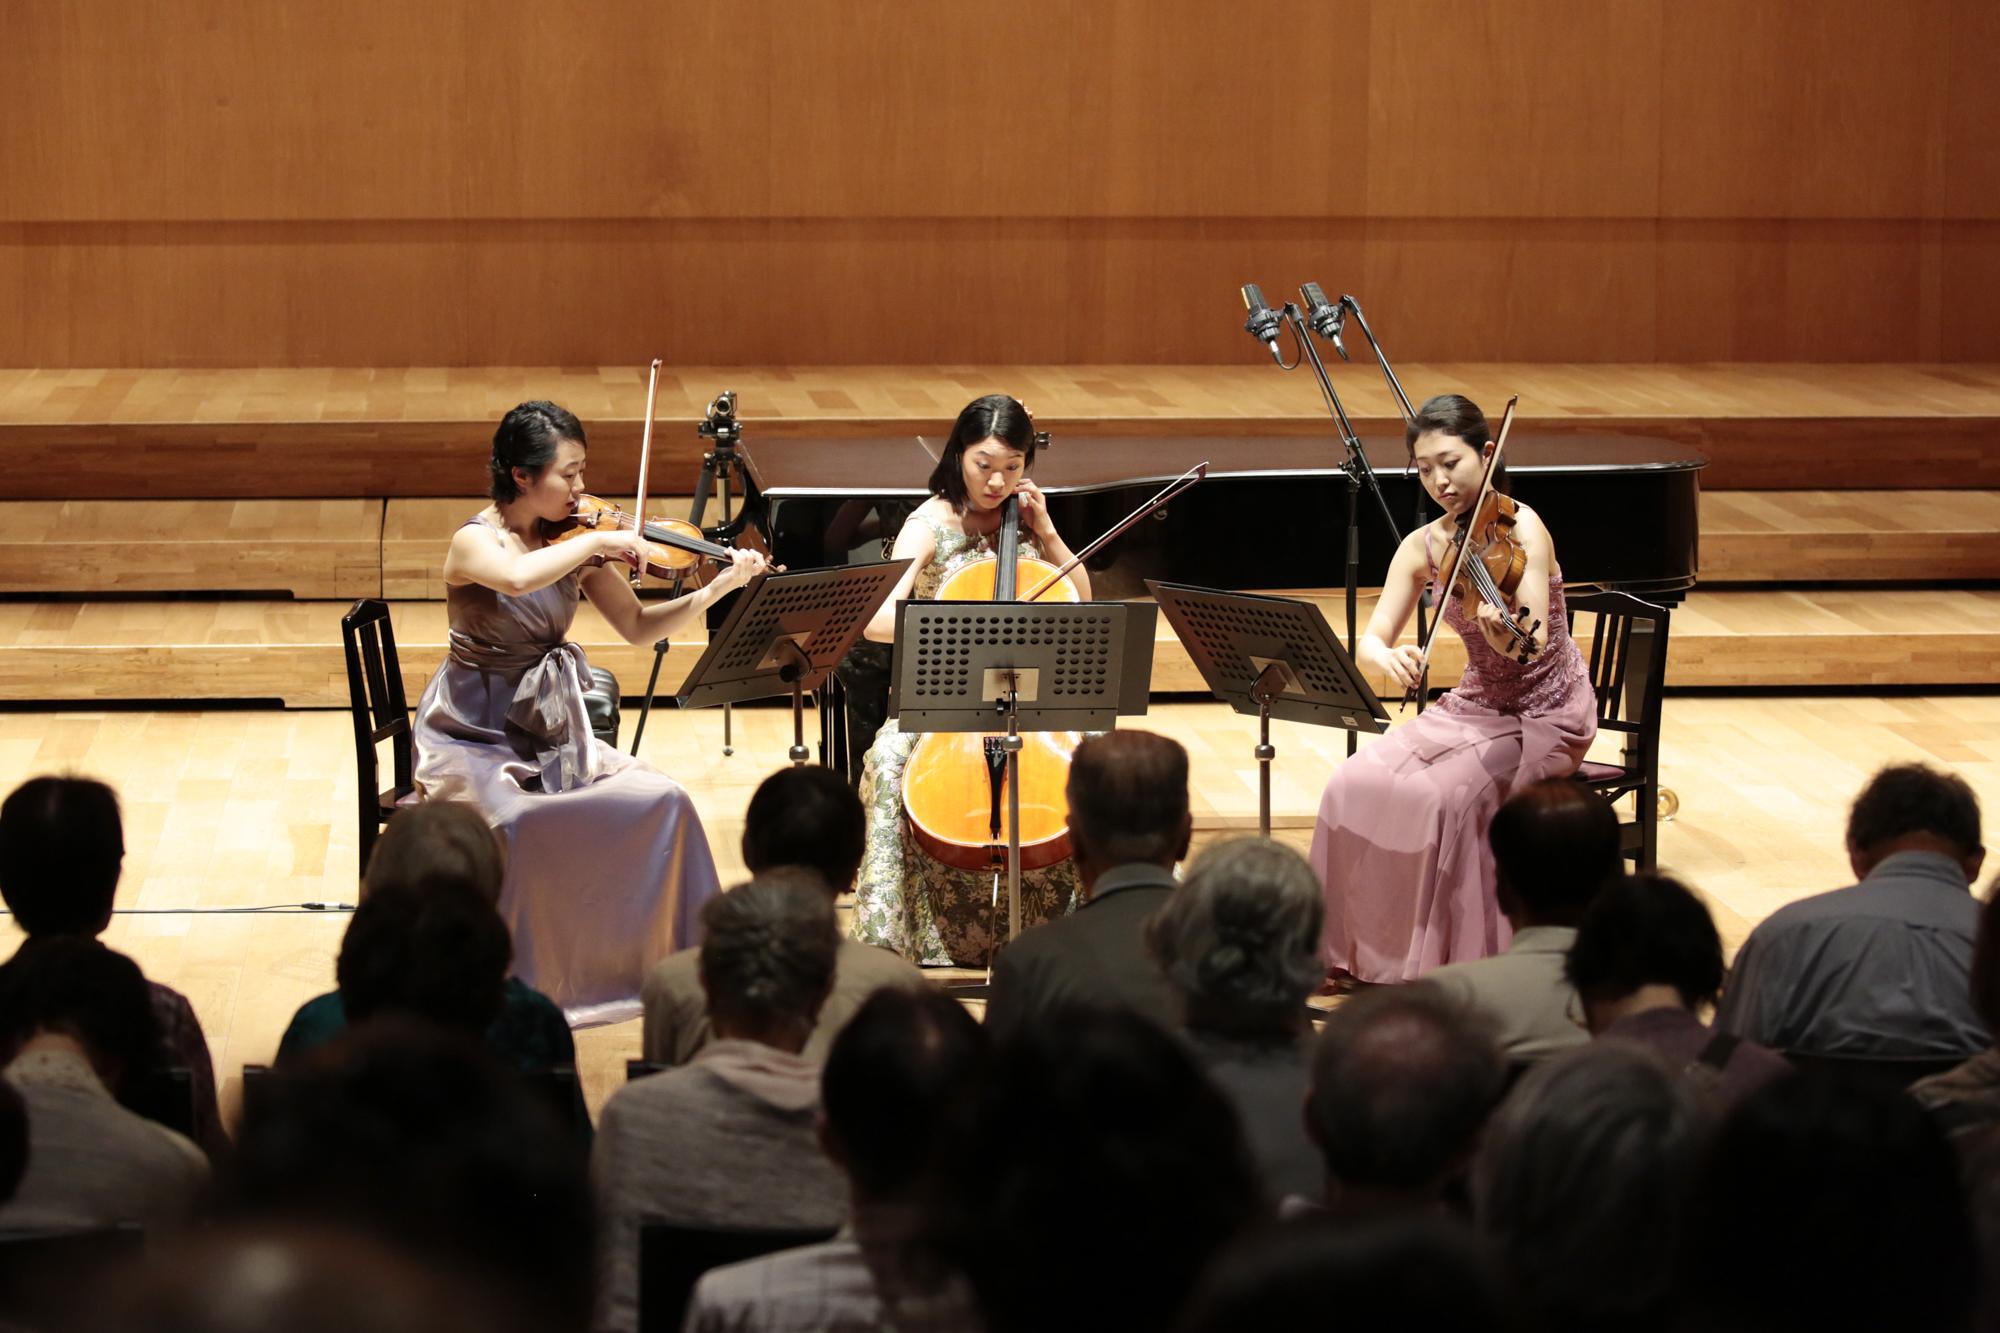 アーカイブ推進コンサート2「作曲家・草川宏のレゾンデートル」終演のご報告